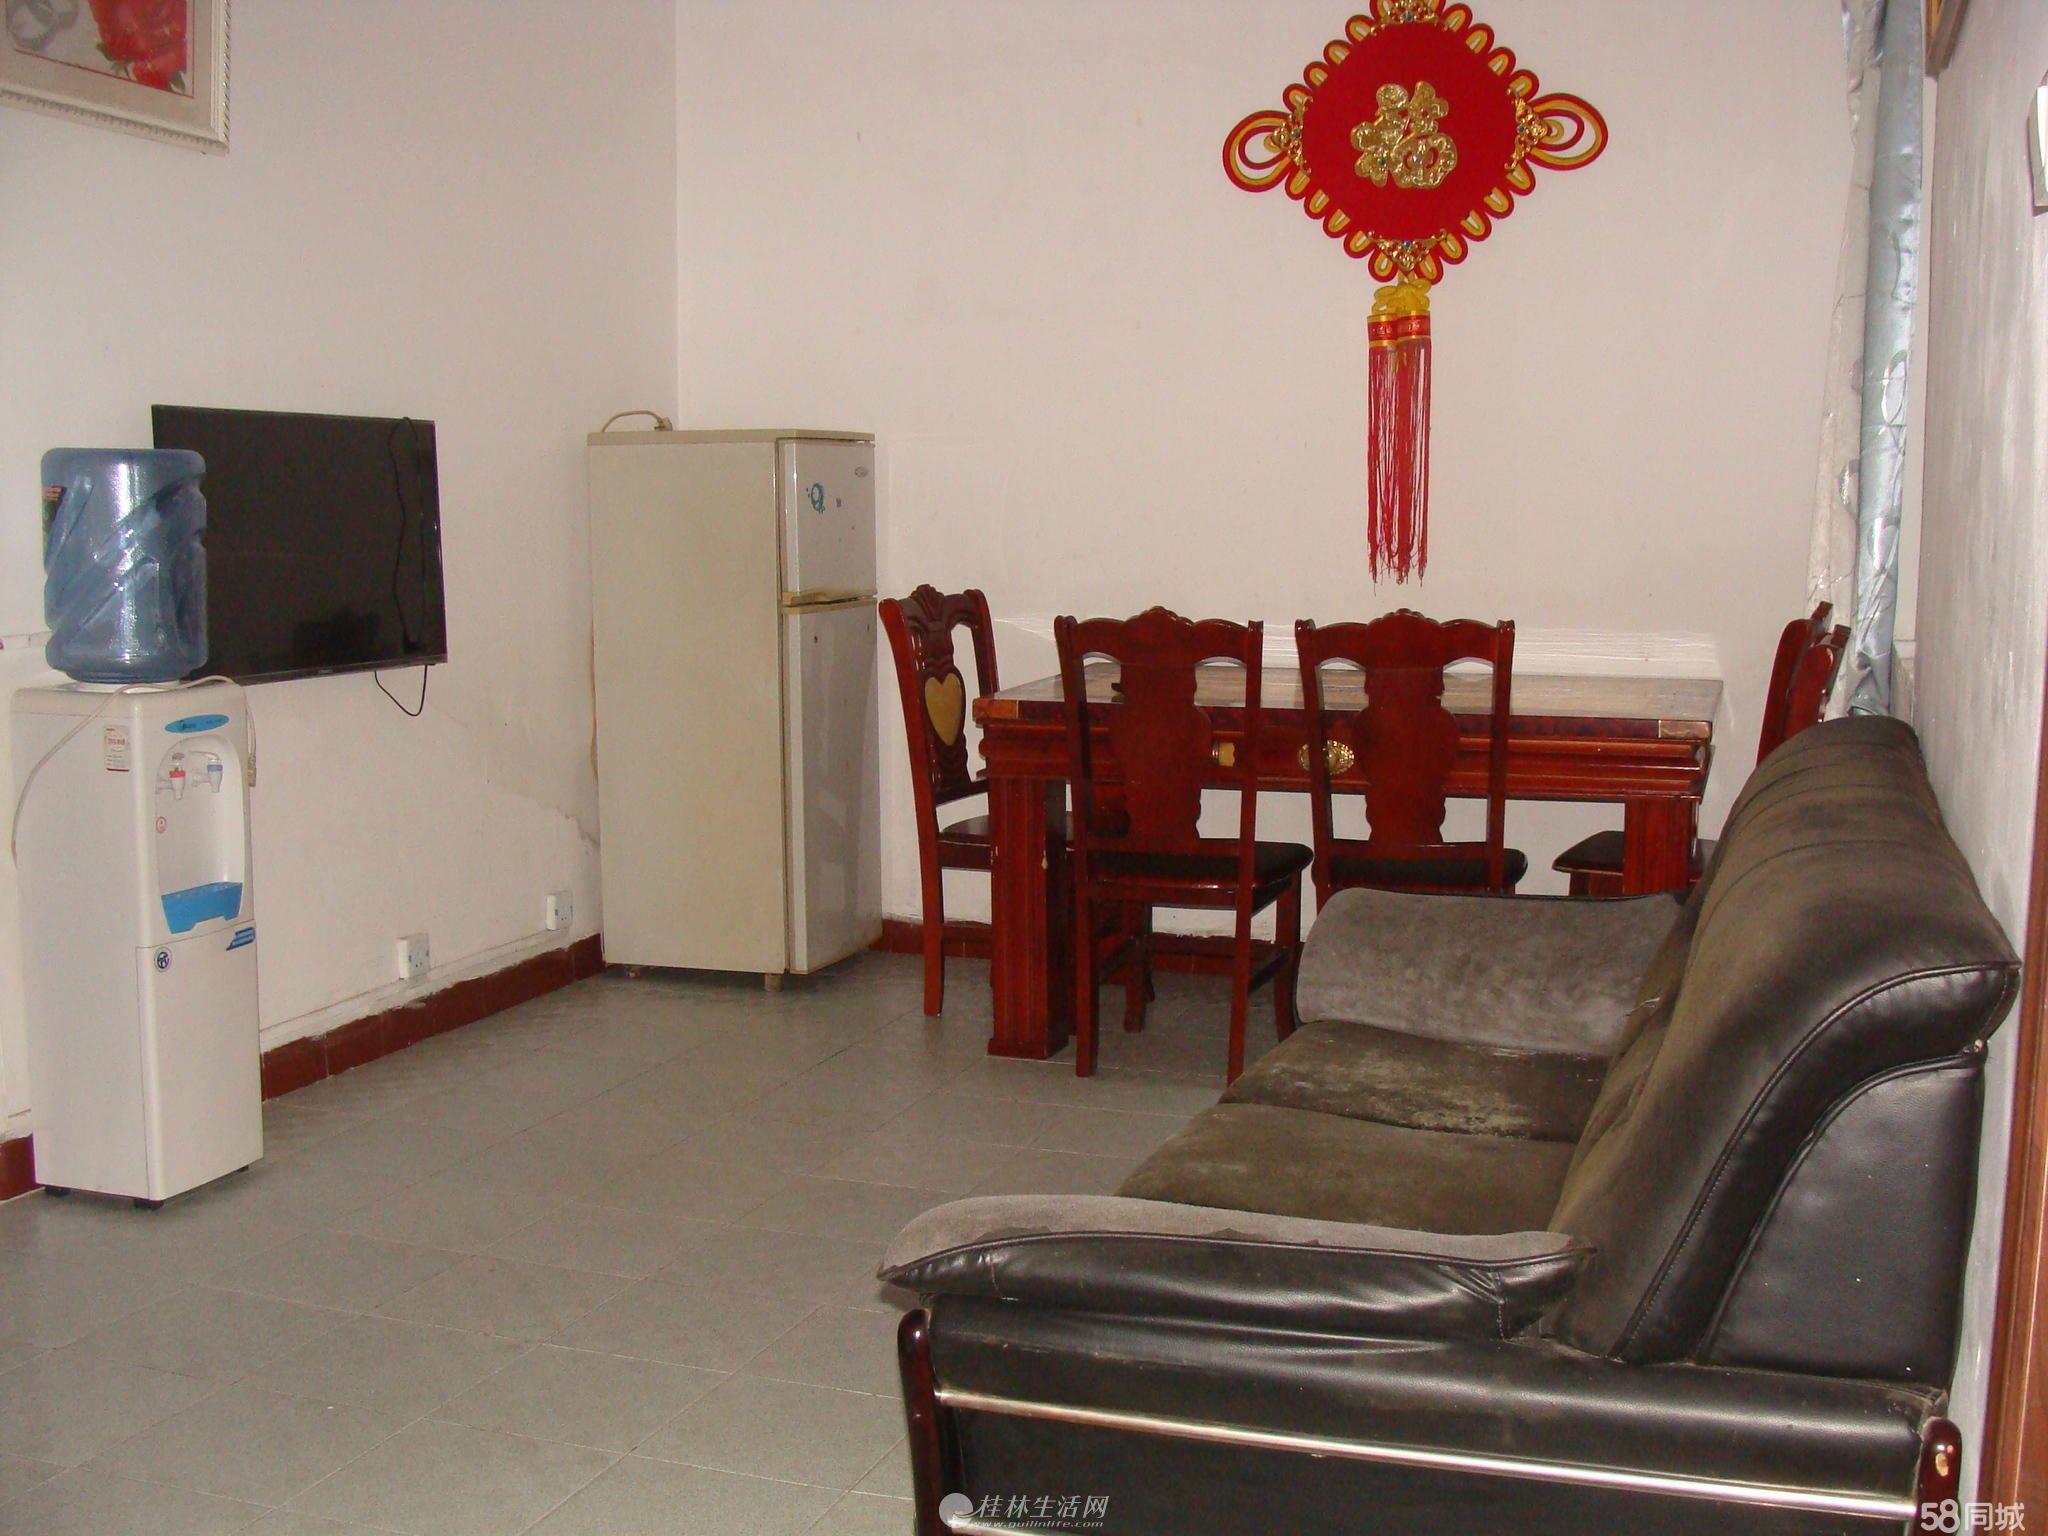 西山早市篦子园小区口一楼二房一厅出租,精装修,家具家电齐全1000月,